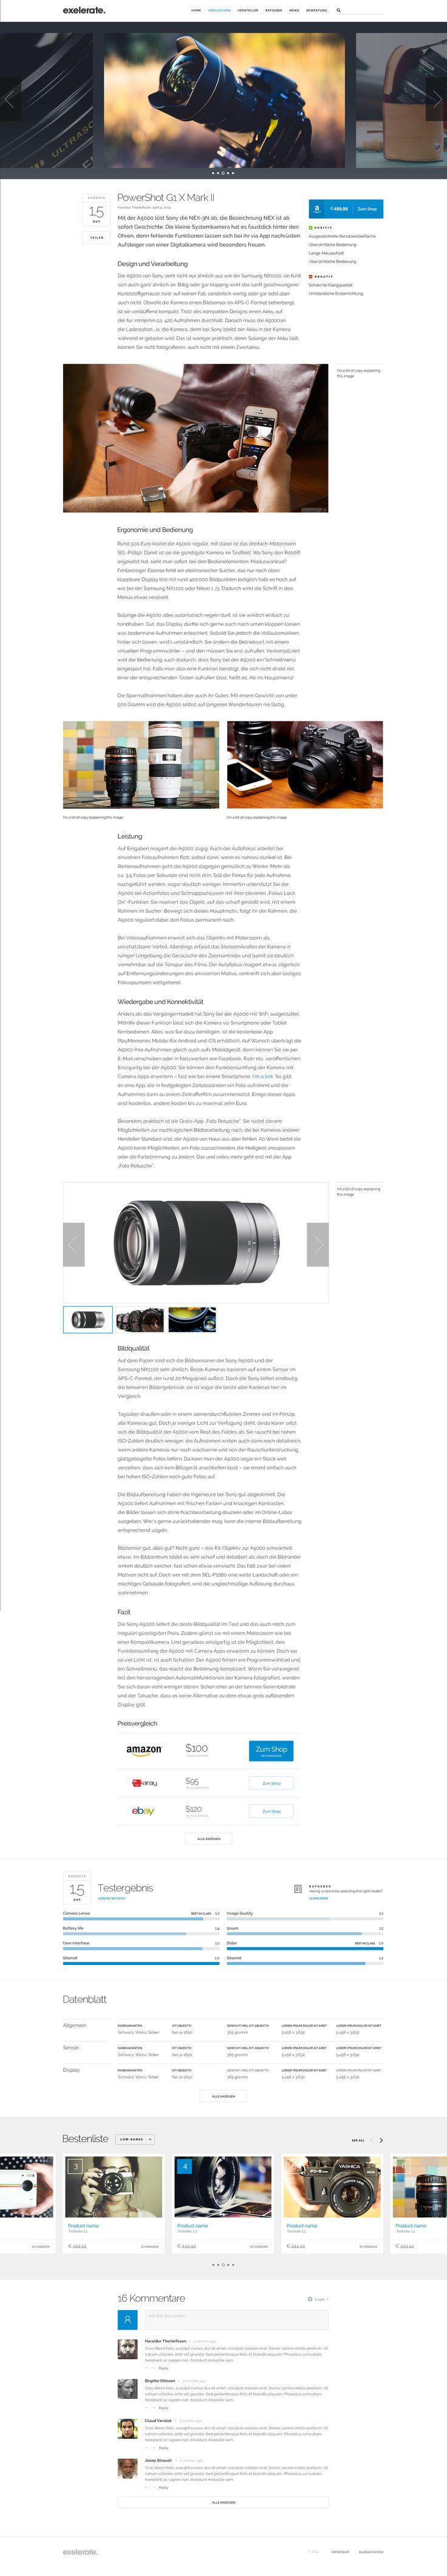 Exelerate_visualdesign_5ht